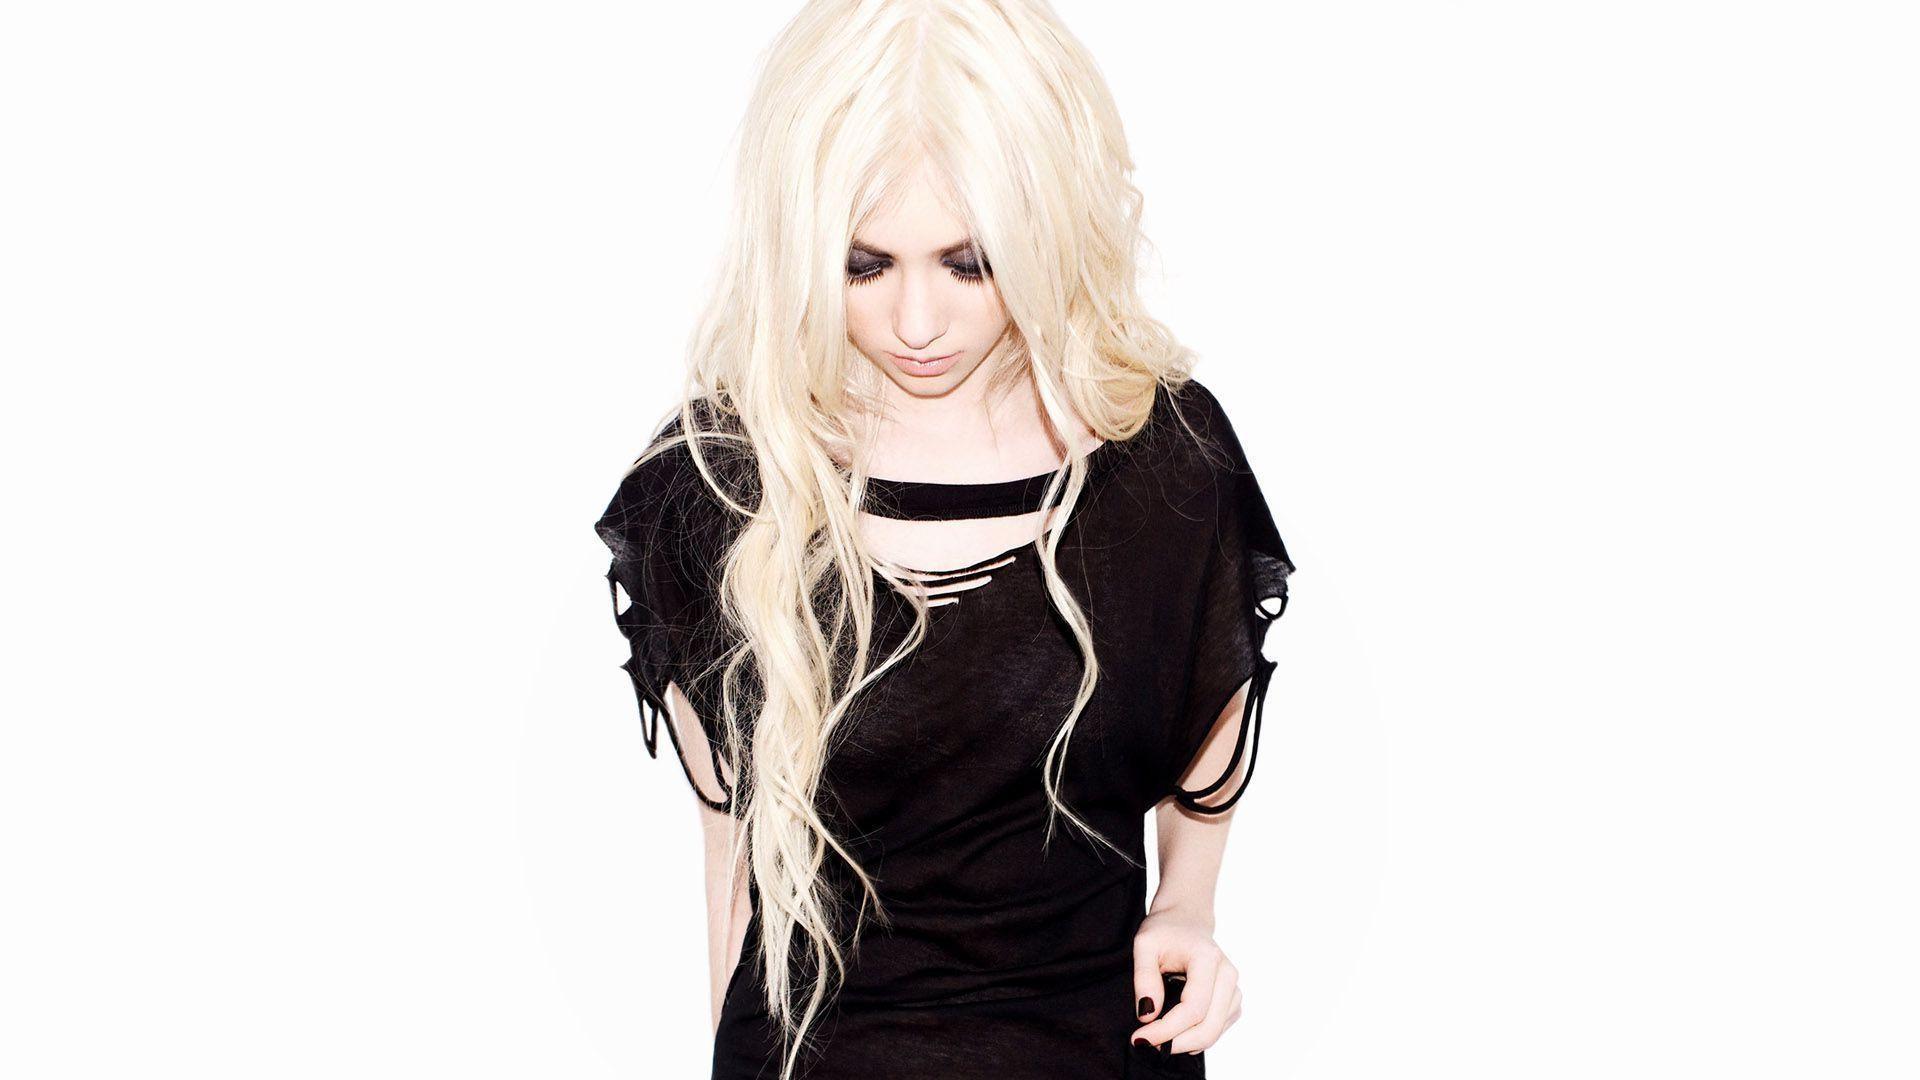 Taylor Momsen in a black blouse